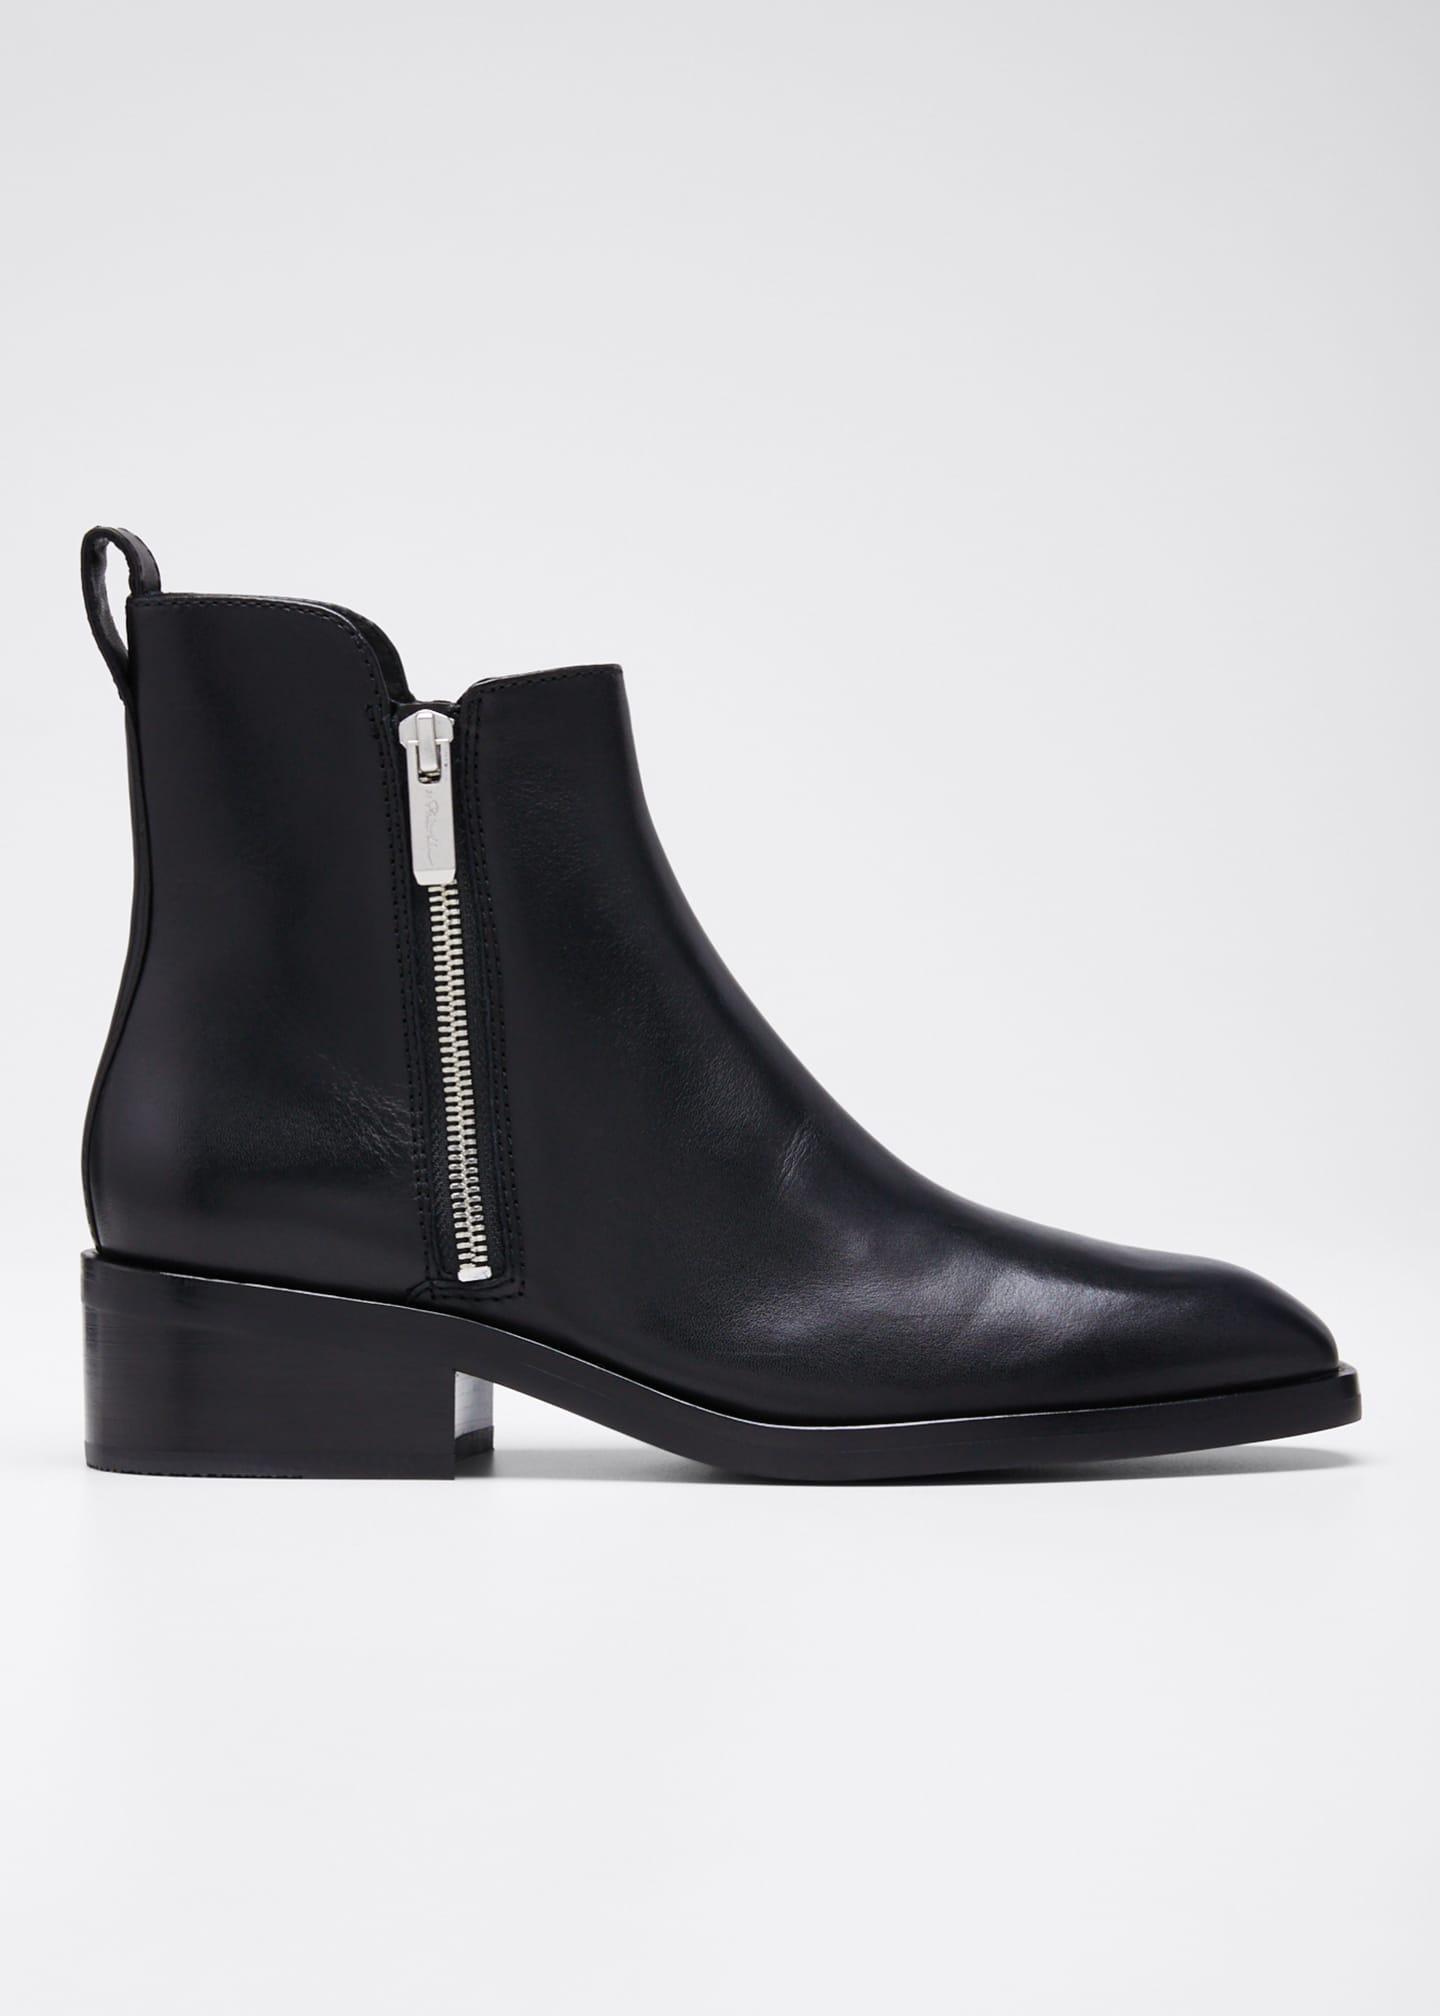 3.1 Phillip Lim Alexa Leather Zip Booties